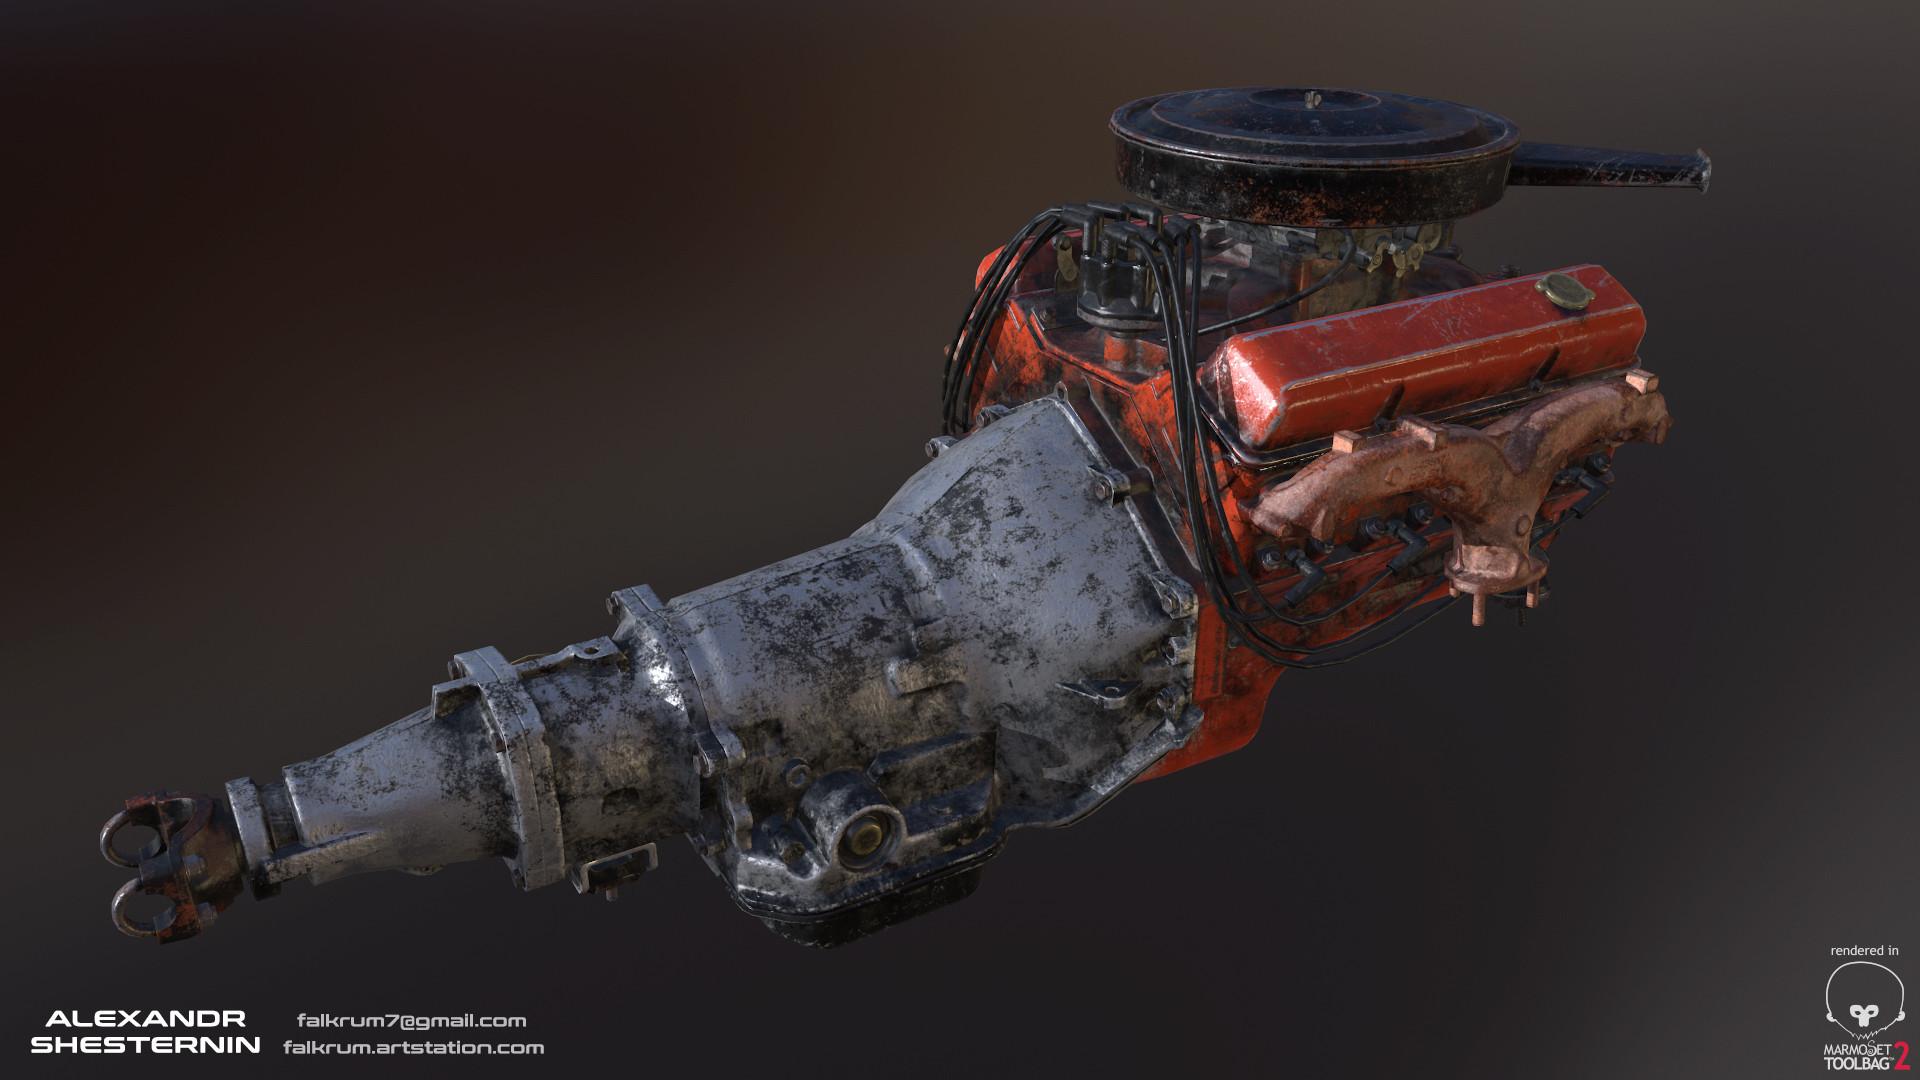 Alexandr shesternin engine02